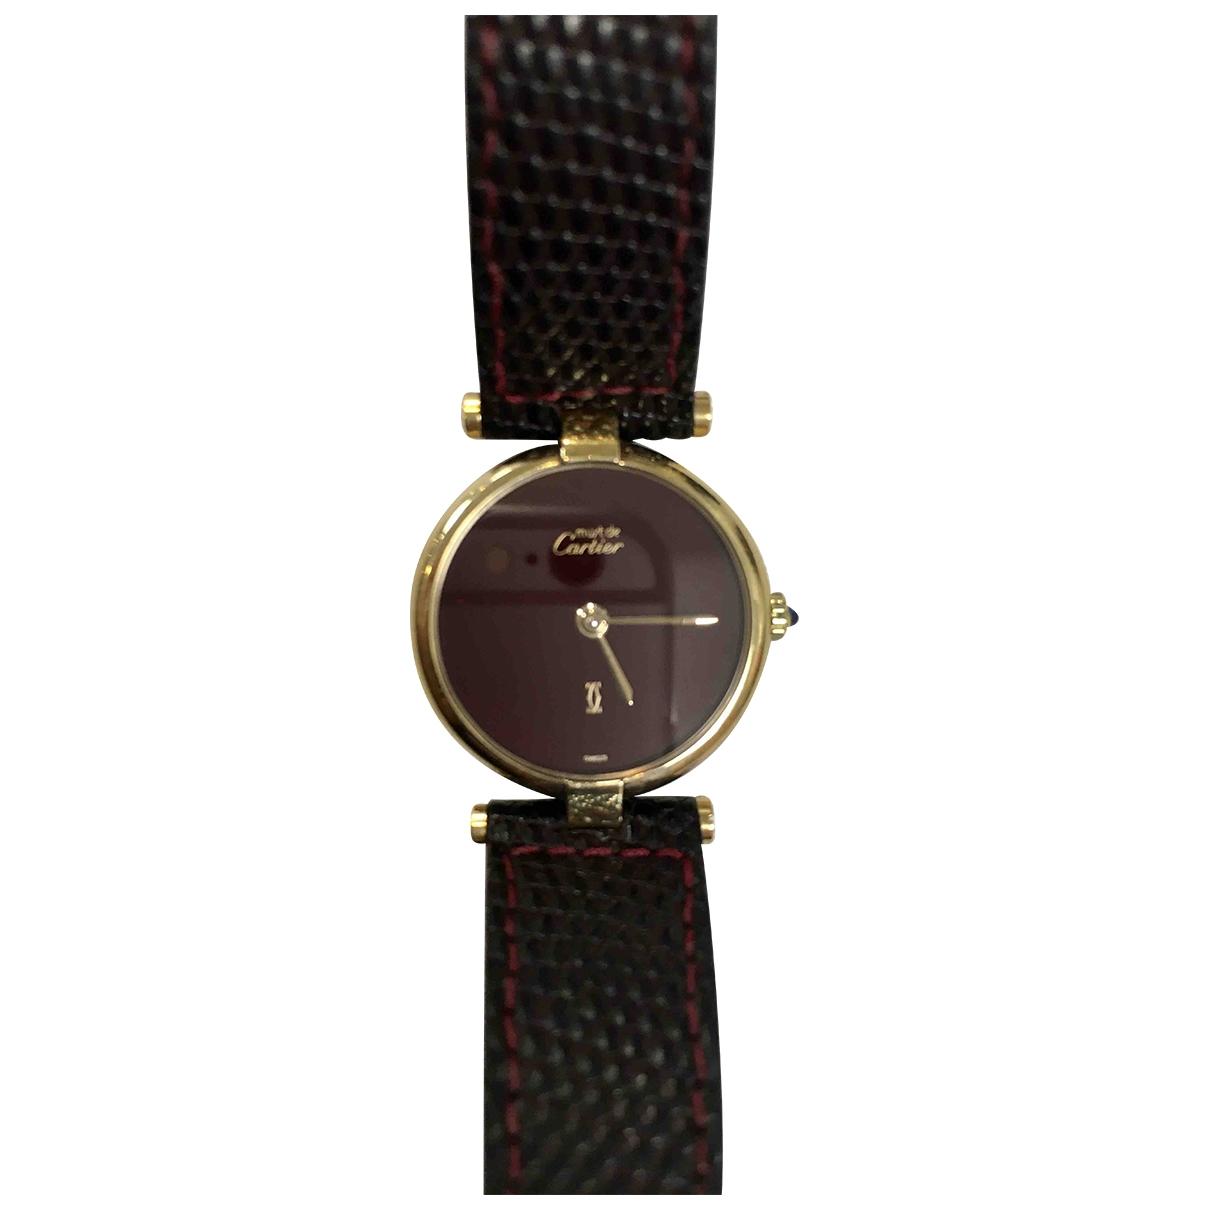 Cartier - Montre Must Vendome  pour femme en plaque or - dore